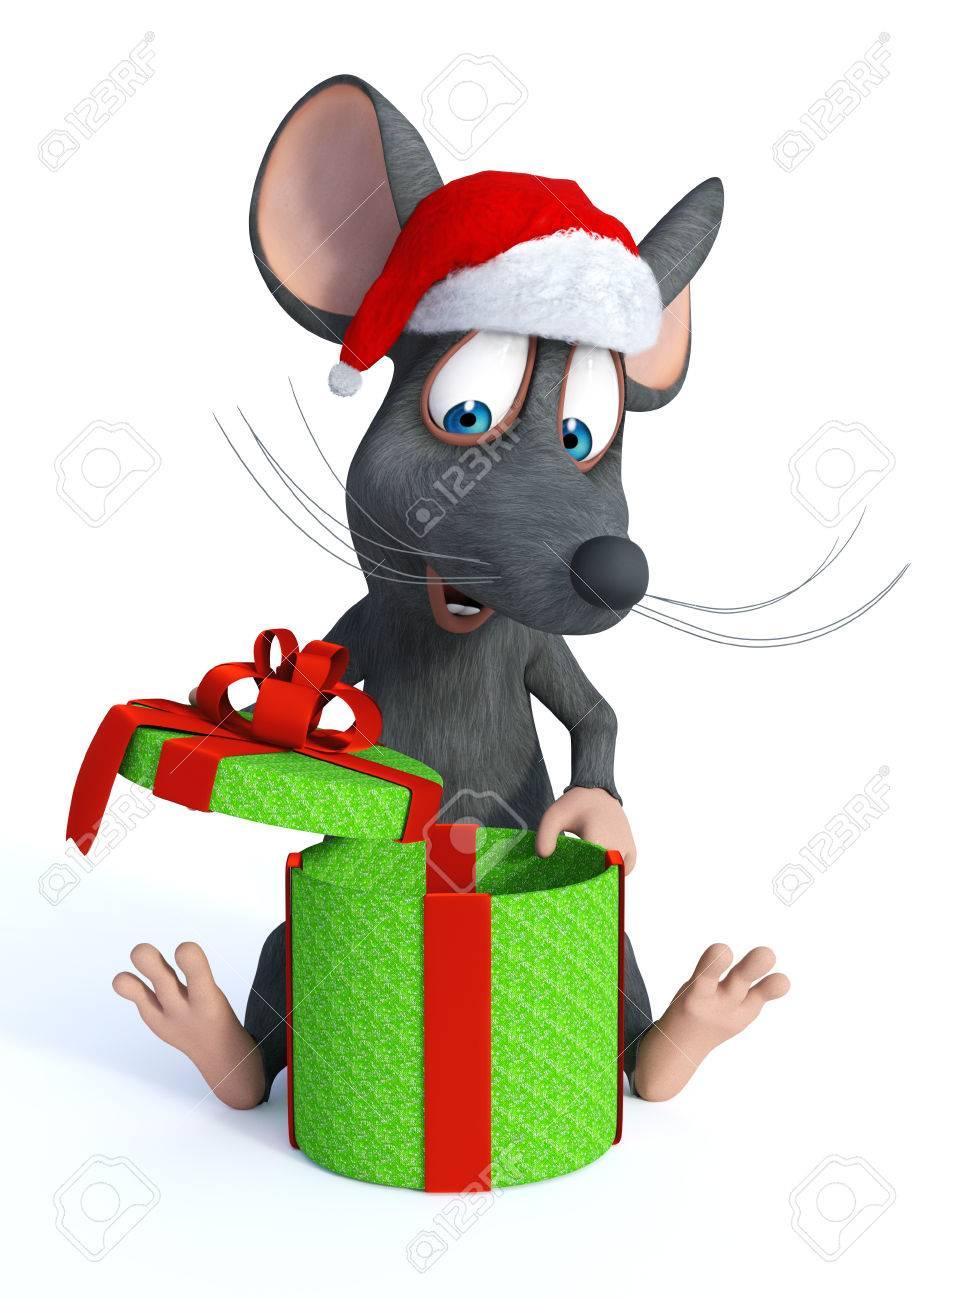 Eine Nette Lächelnde Cartoon-Maus Auf Dem Boden Sitzend Mit Einem ...